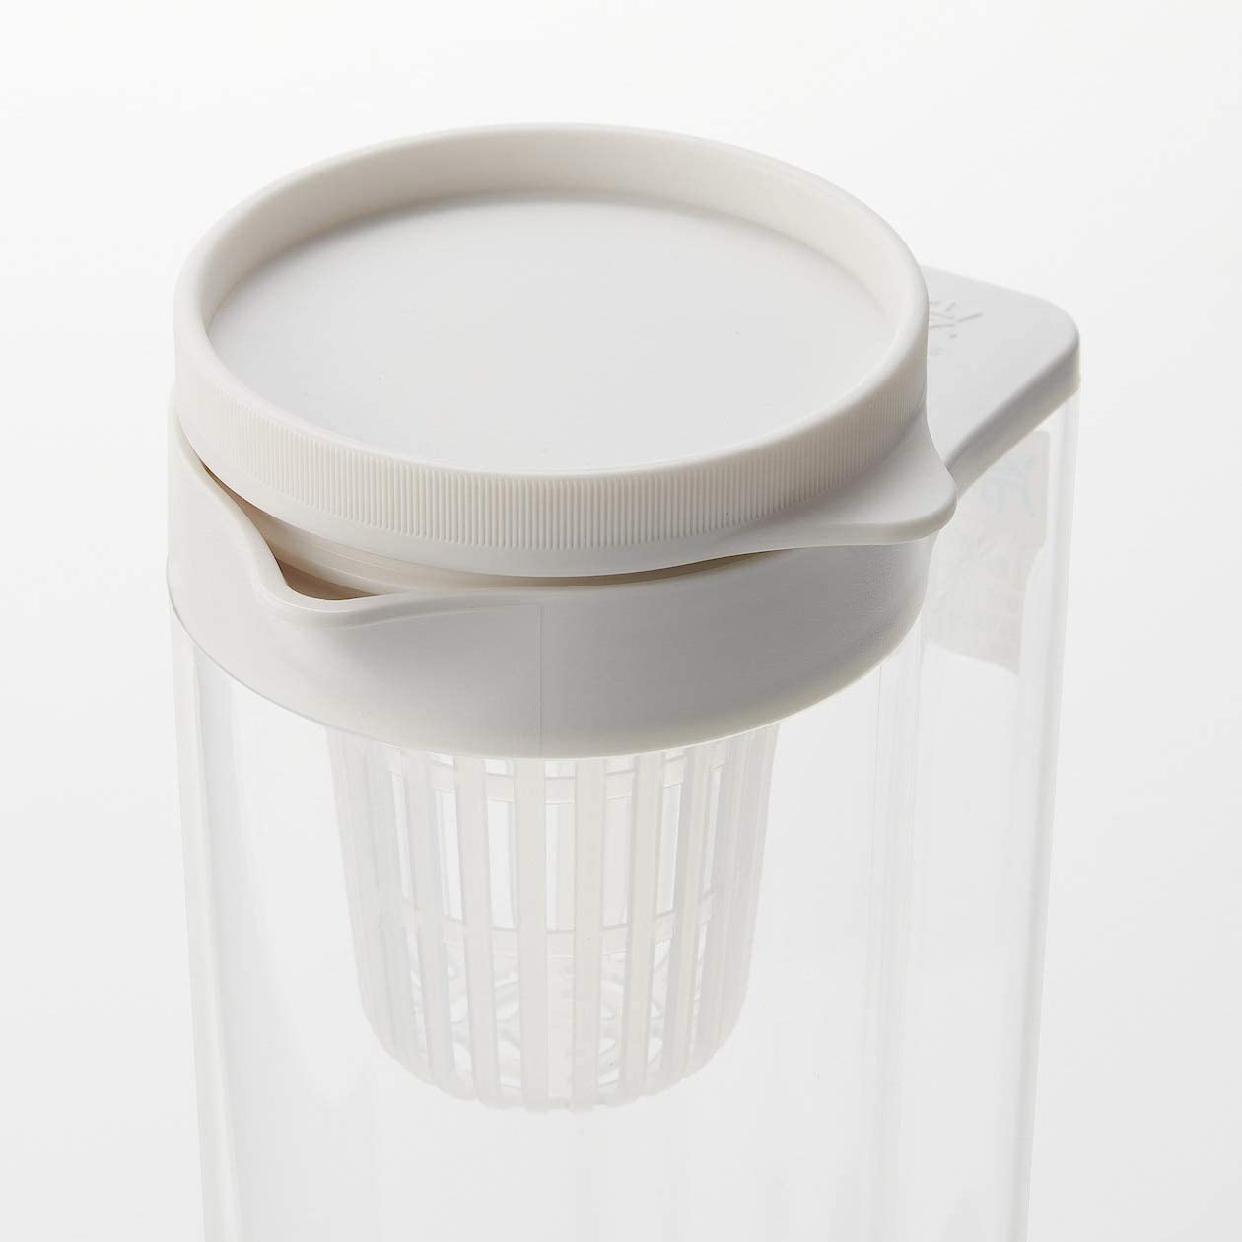 無印良品(MUJI) アクリル冷水筒 冷水専用約2L 44220931の商品画像4